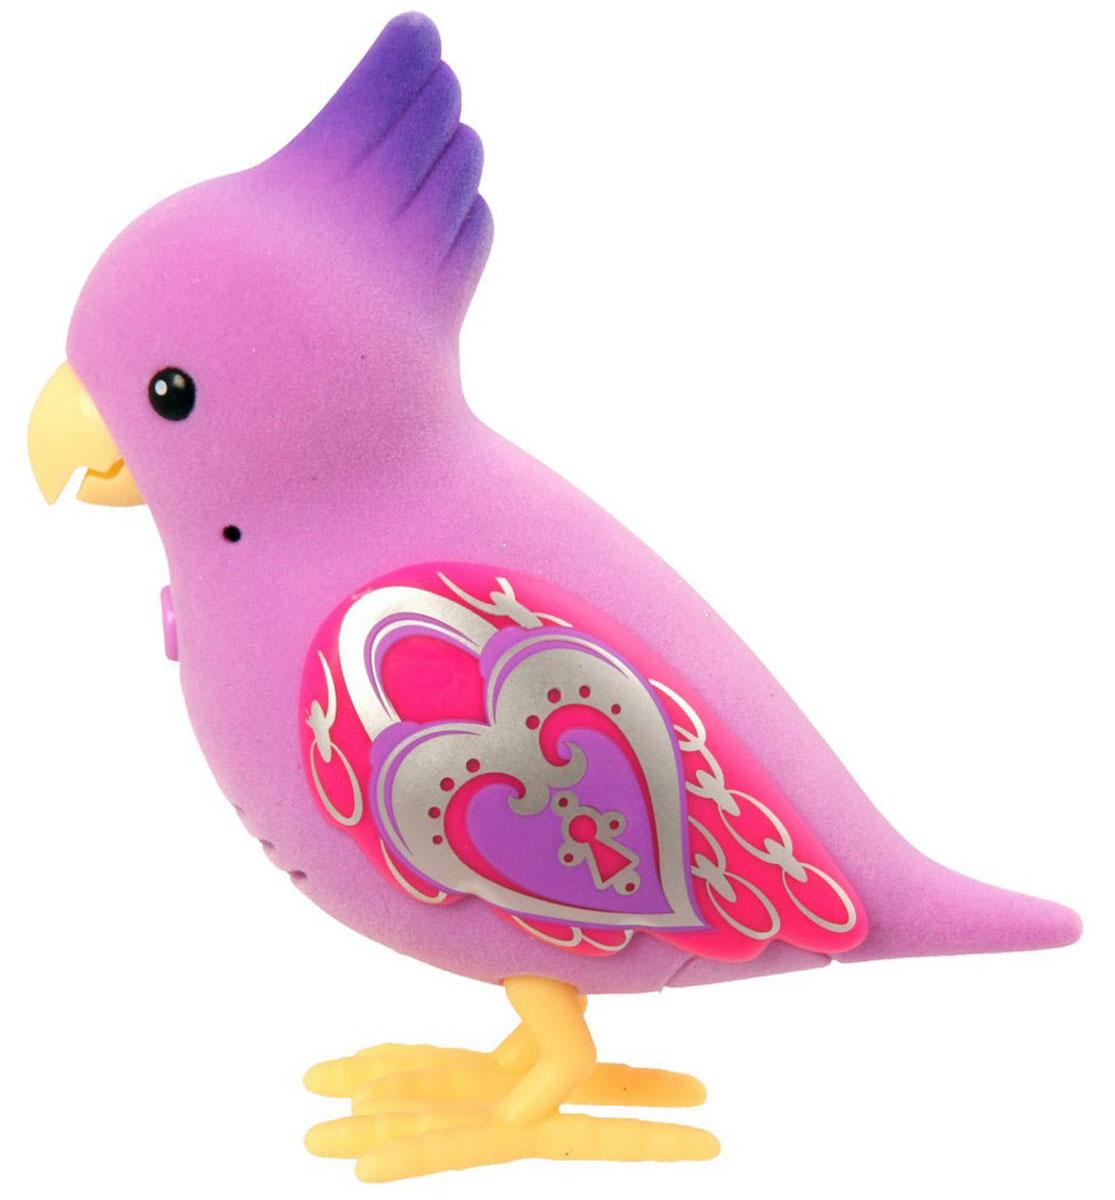 Moose Интерактивная игрушка Говорящая птичка Polly Locket28224/ast28222 (28224, 28225, 28226, 28227, 28228, 28229)Встречайте новых персонажей из семейства говорящих птичек от Moose. Птички из четвертой серии Little Live Pets стали более красивыми. Их крылья переливаются и блестят на солнце. Каждая птичка умеет щебетать несколько мелодий. Они способны запоминать ваши фразы и воспроизводить их на свой манер. Внимание! Для работы птички понадобятся две батарейки типа ААА. Они в комплект не входят. Батарейки необходимо приобретать отдельно. Игрушка рекомендована для детей в возрасте от 5 лет.